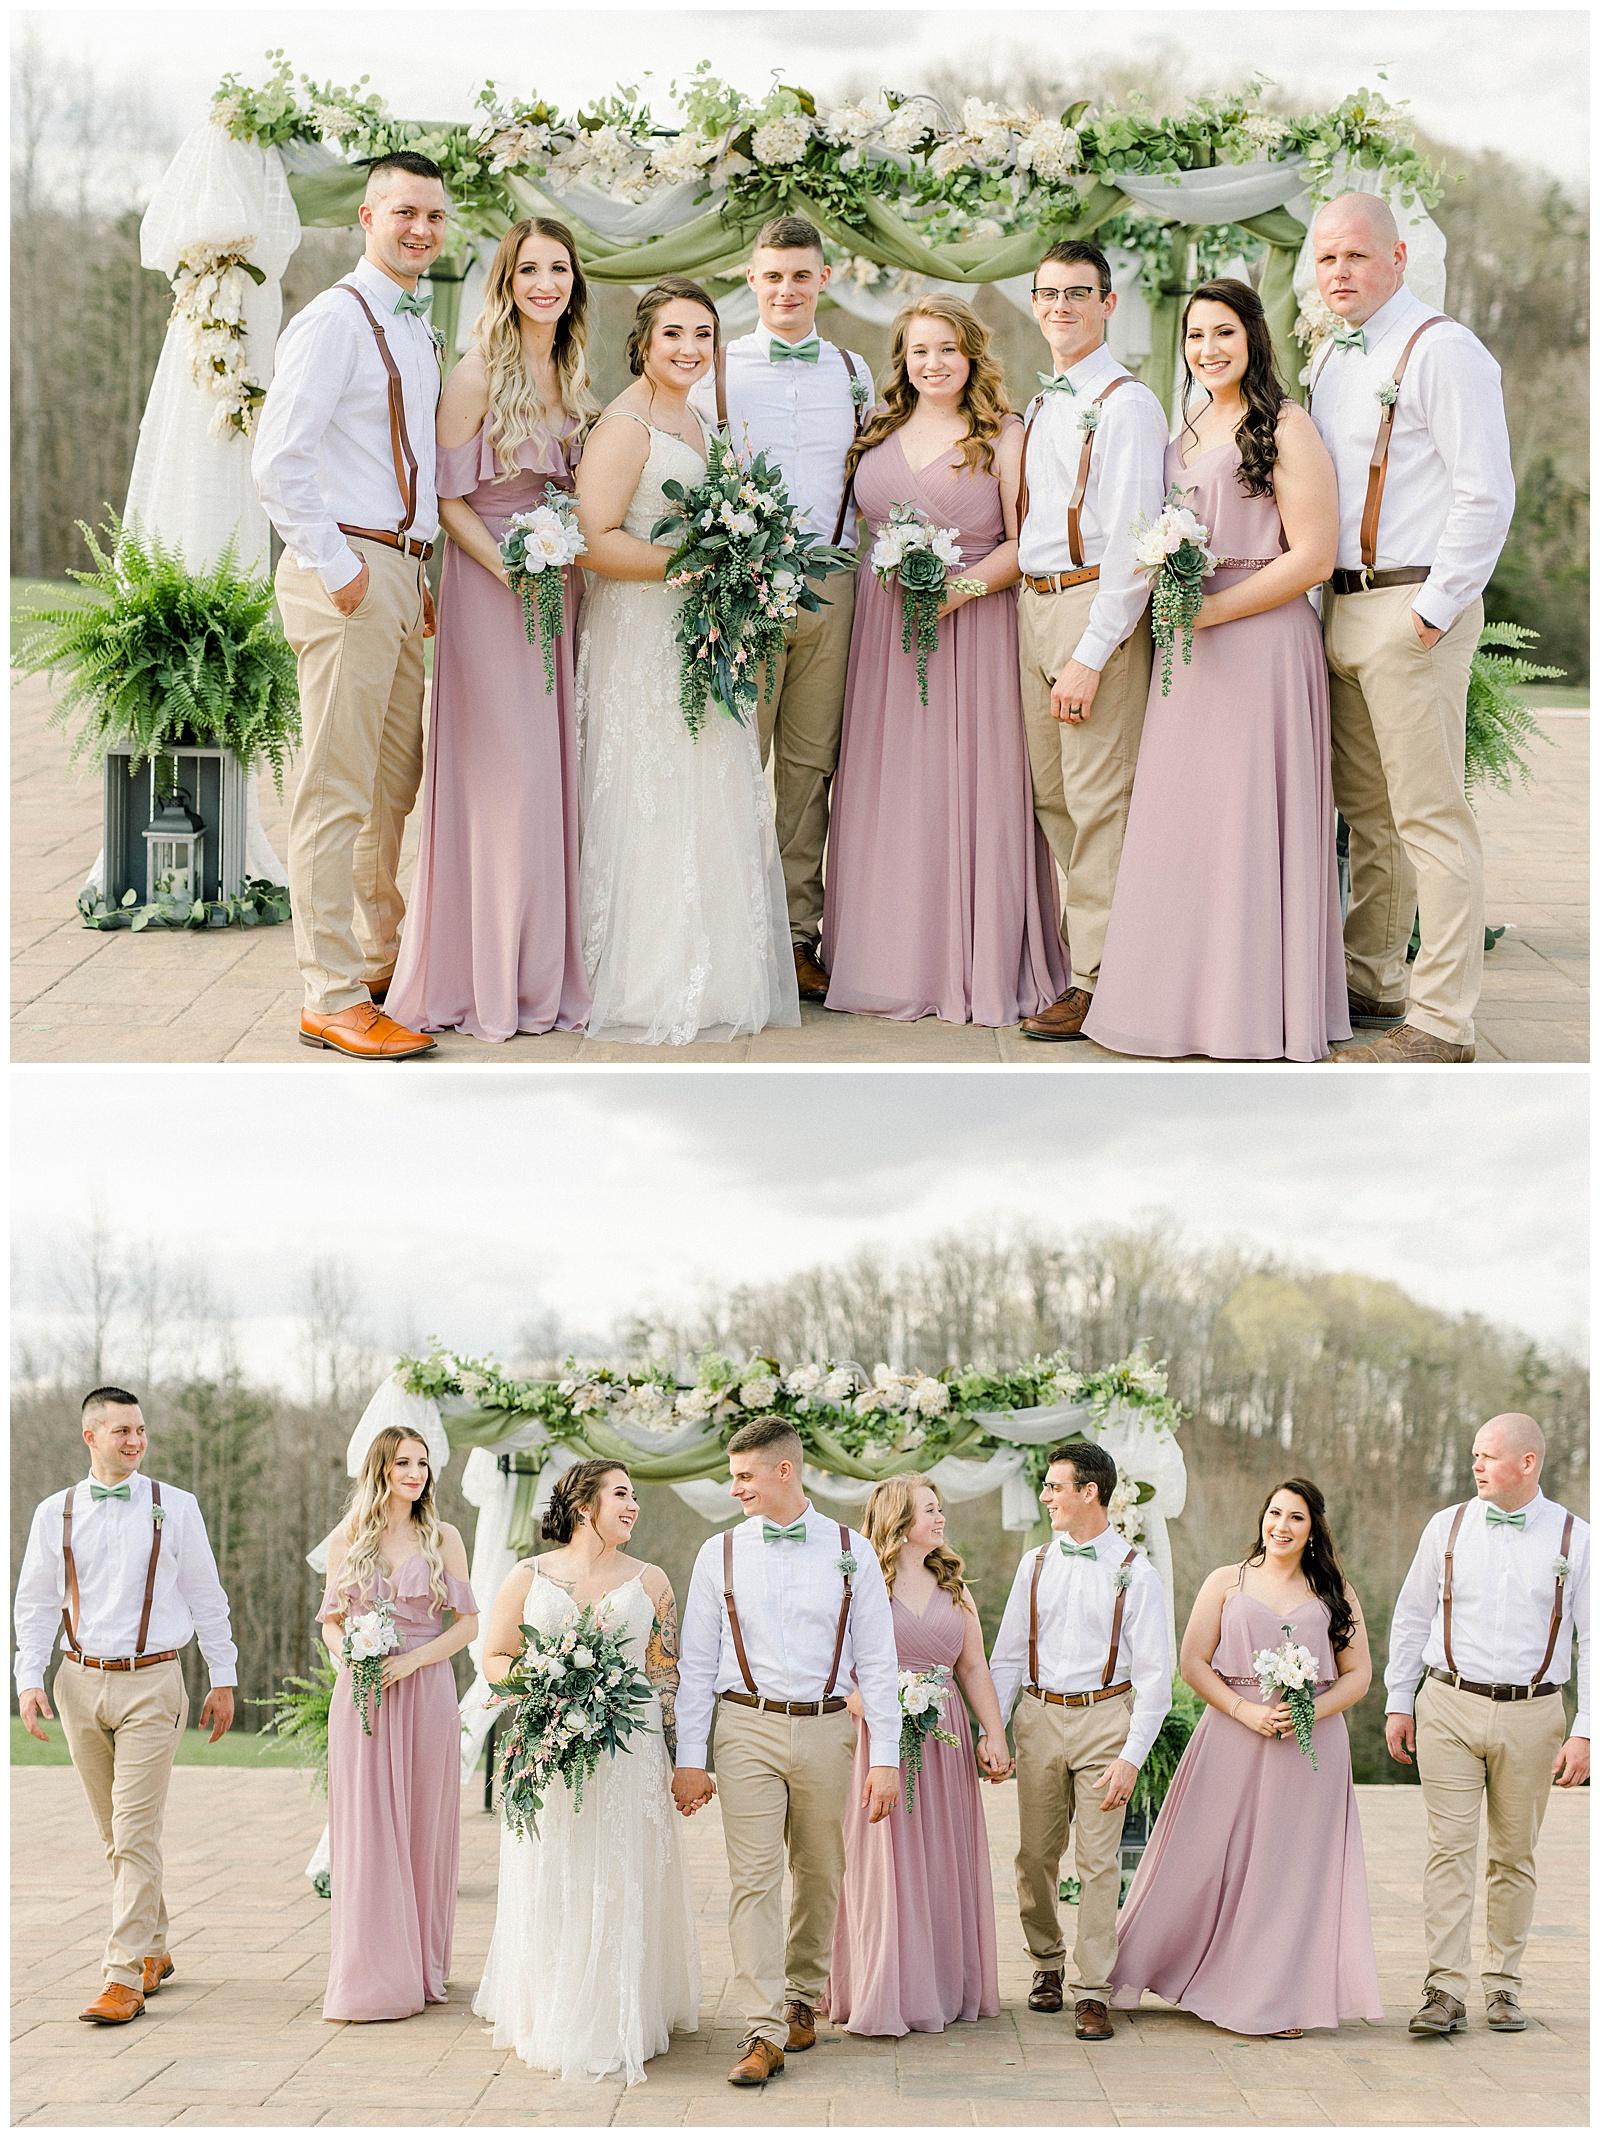 Lewis-Kara-Blakeman-Photography-Huntington-West-Virginia-Wedding-Barn-Olde-Homestead-30